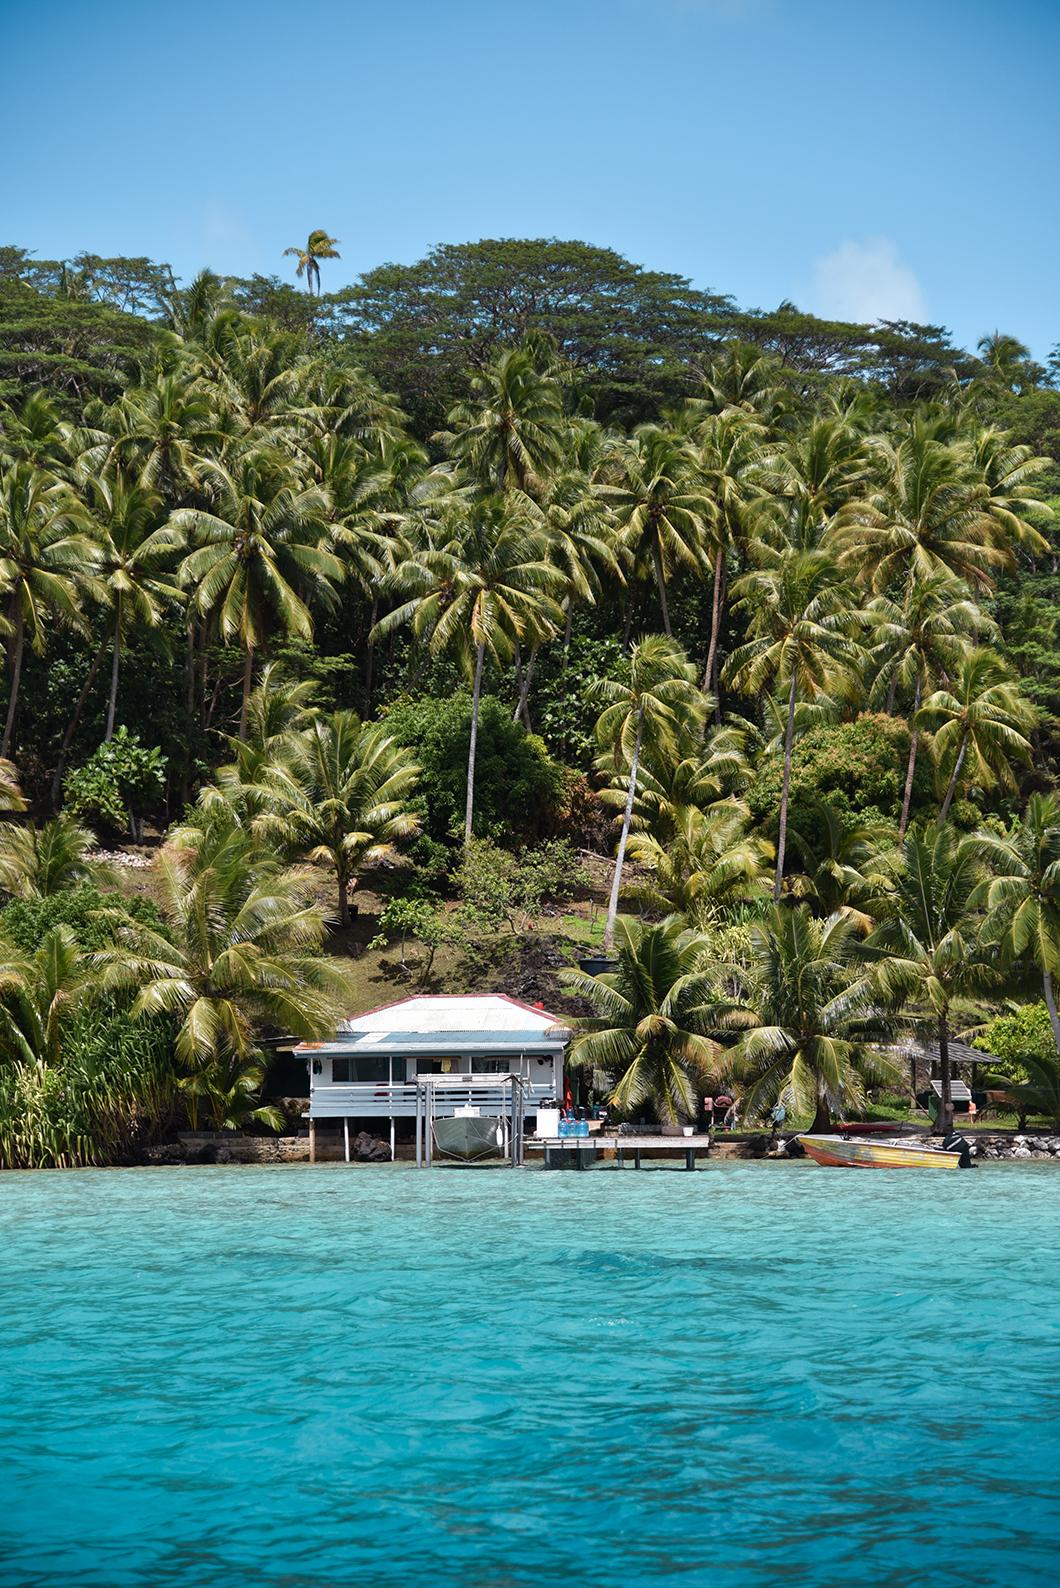 Que faire en Polynésie Française ? Découverte du lagon de Huahine